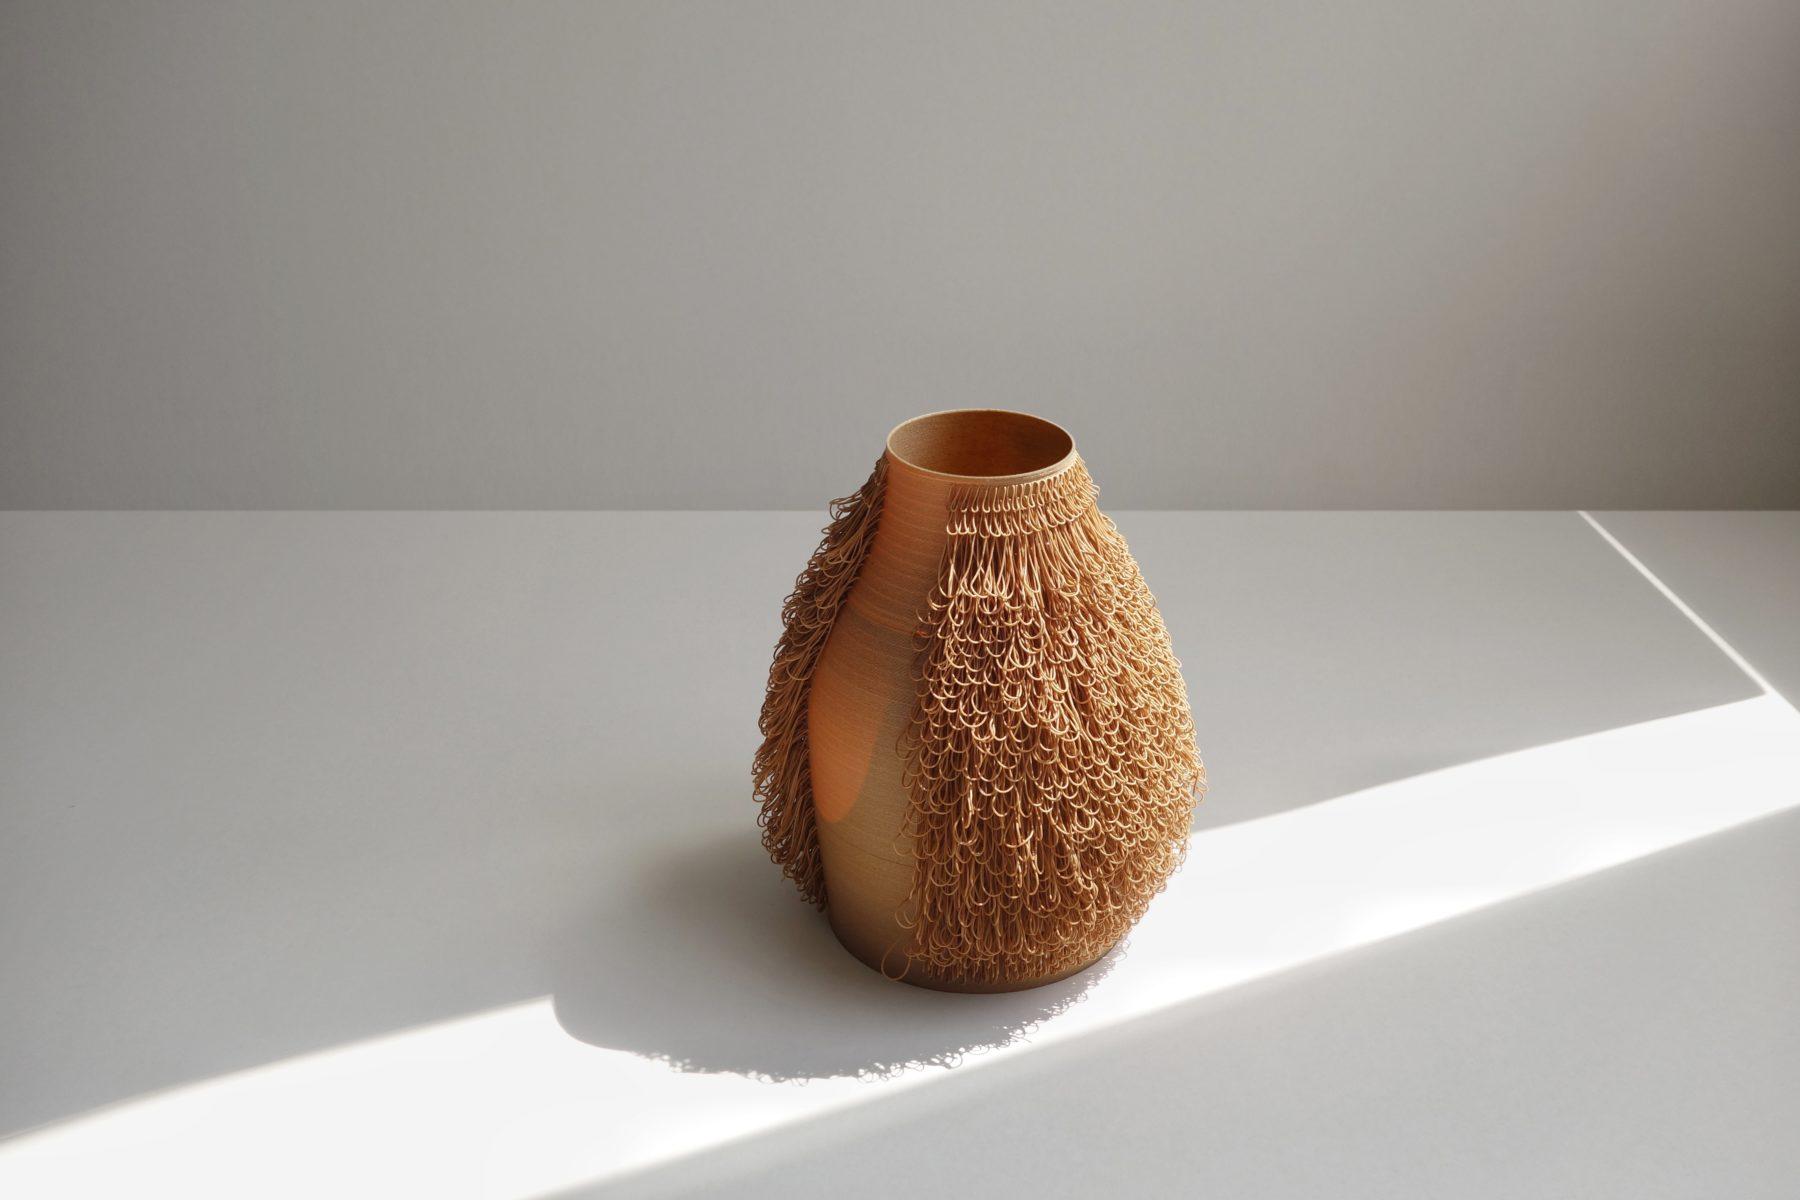 3d printed vases